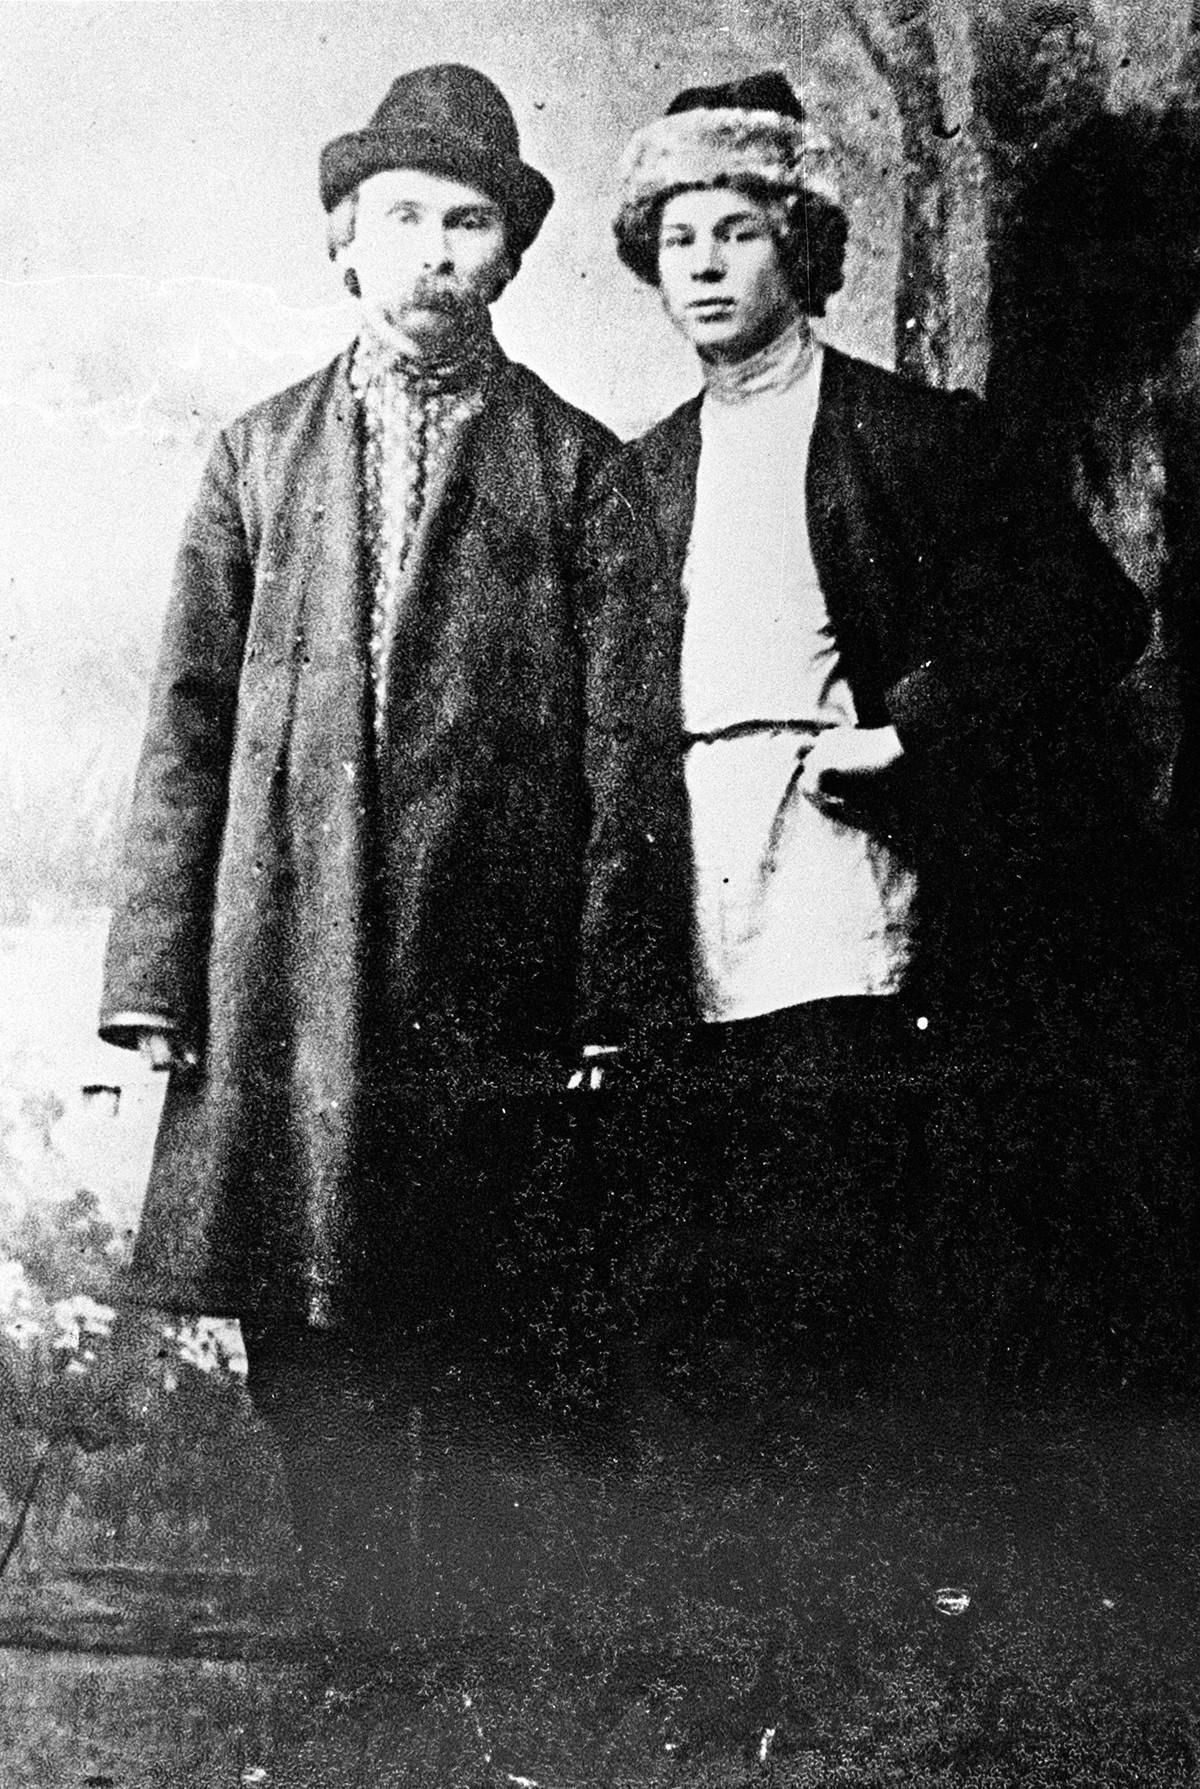 'Petani penyair' Nikolai Klyuev dan Sergei Yesenin (kanan) di Petrograd (sekarang Sankt Peterburg), 1915.